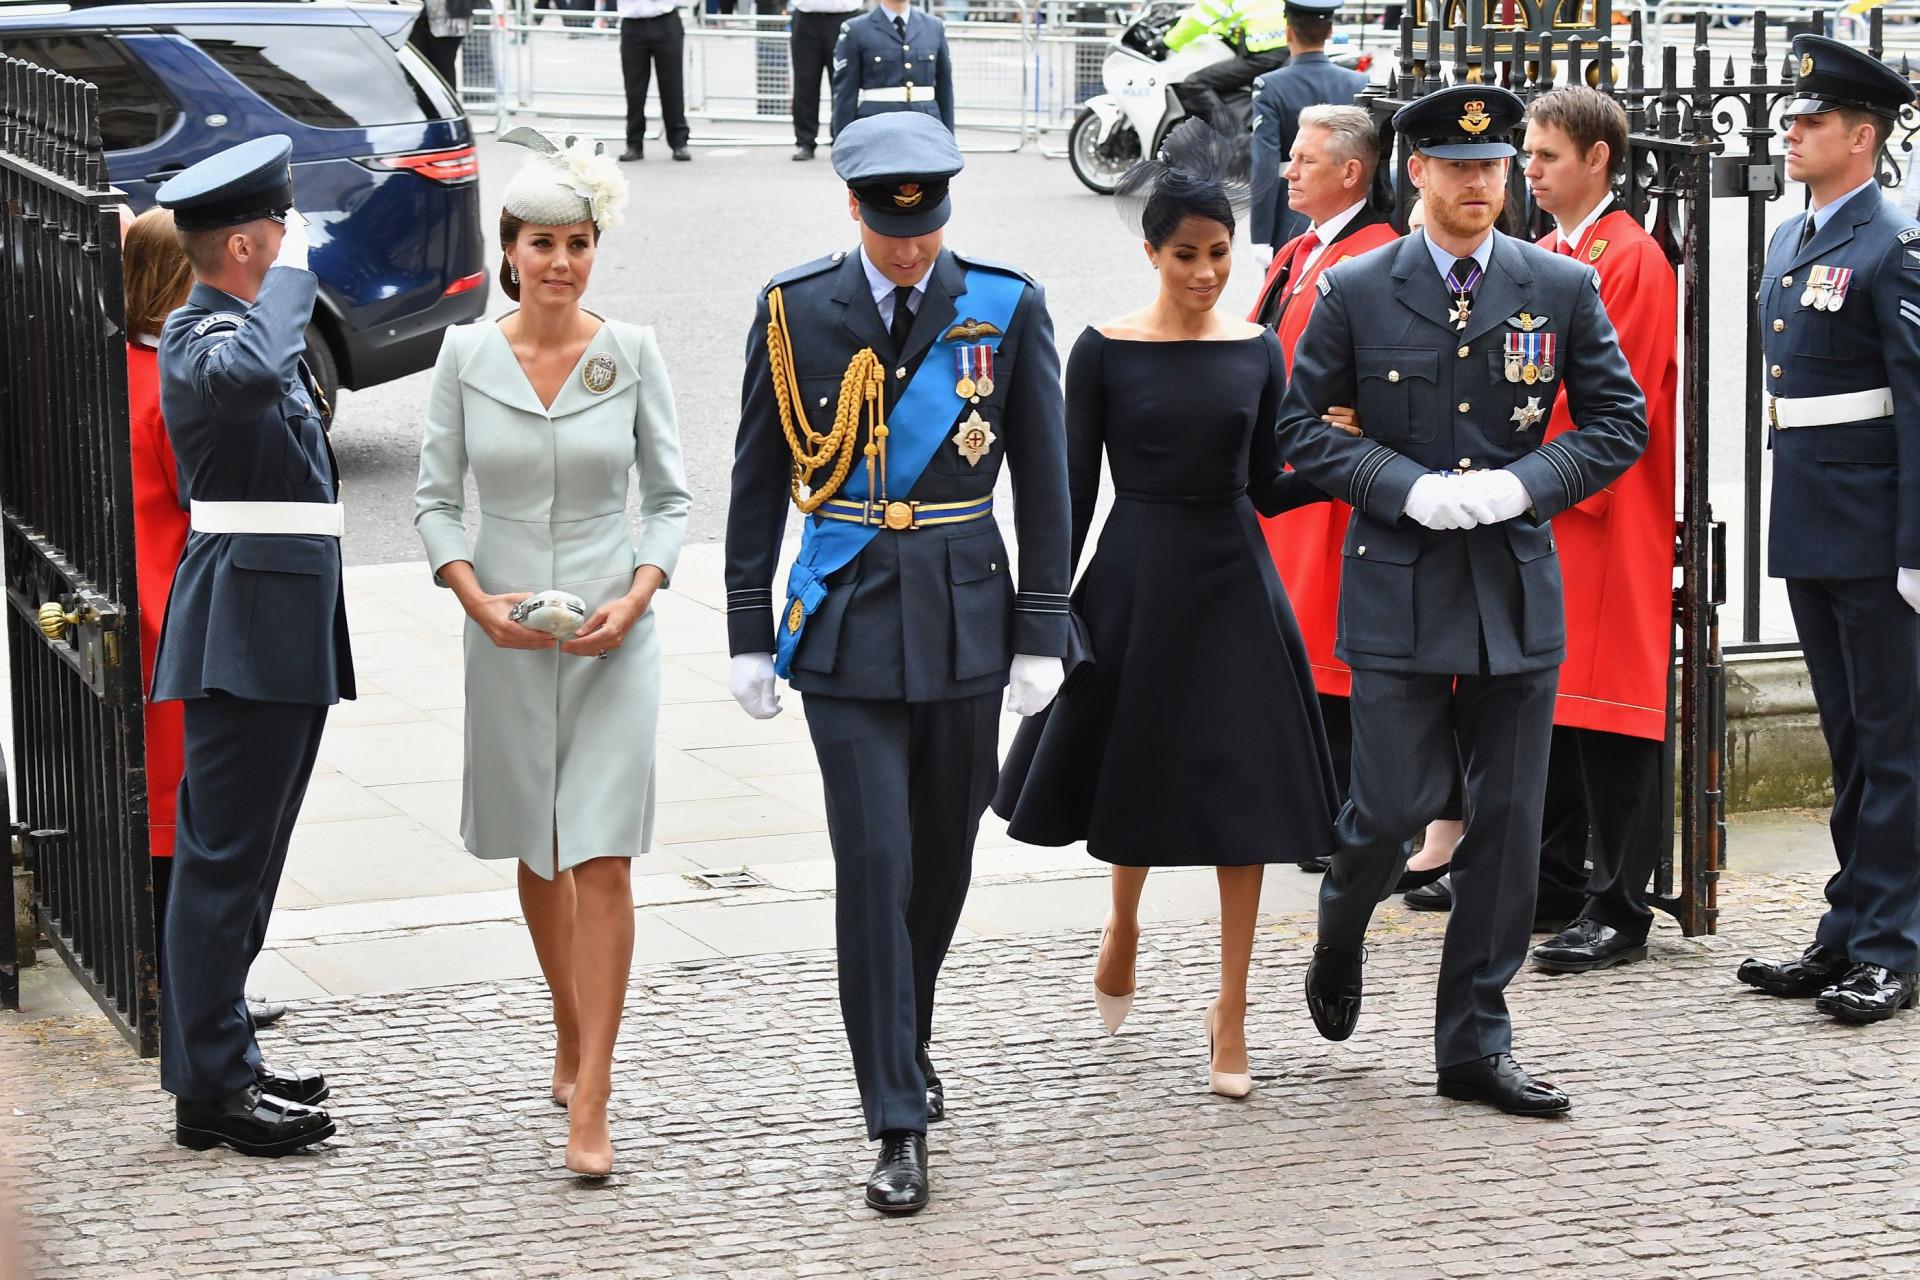 Realeza britânica reúne-se no centenário da RAF